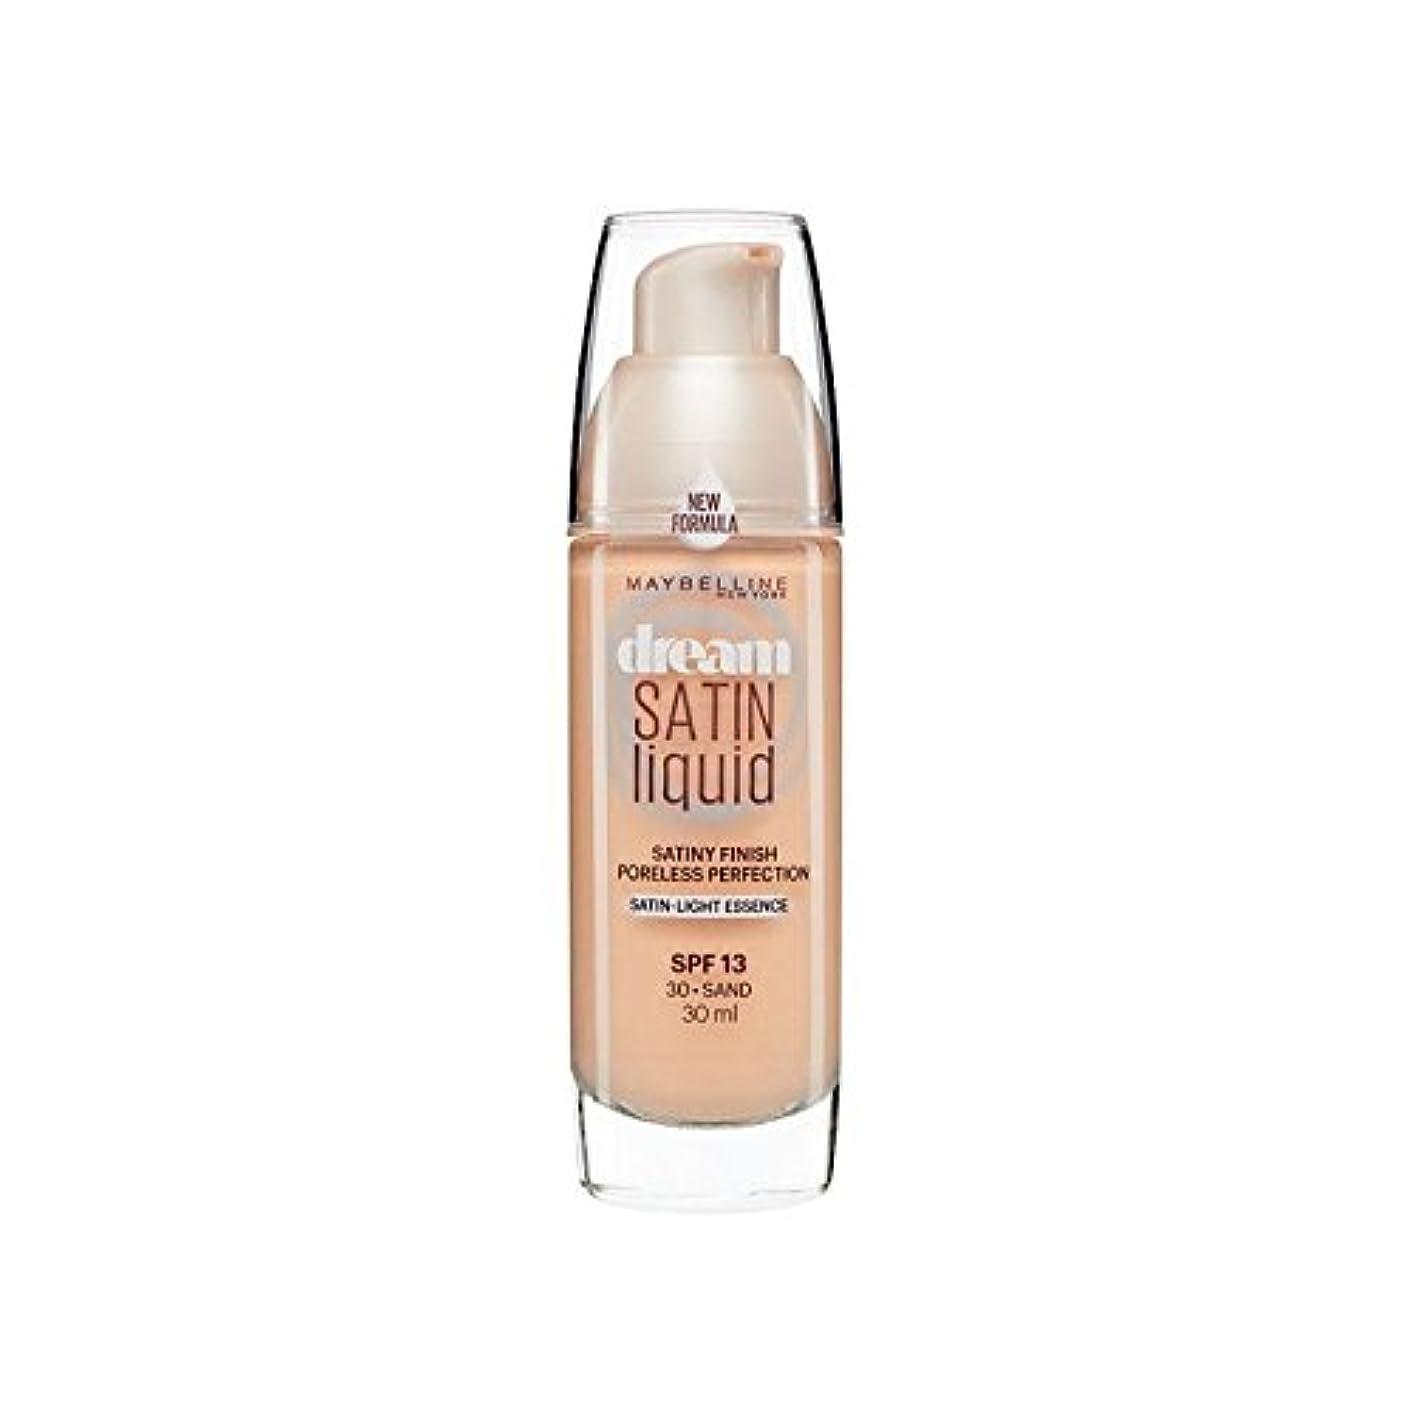 上院議員世紀集団メイベリン夢サテンリキッドファンデーション30砂の30ミリリットル x2 - Maybelline Dream Satin Liquid Foundation 30 Sand 30ml (Pack of 2) [並行輸入品]